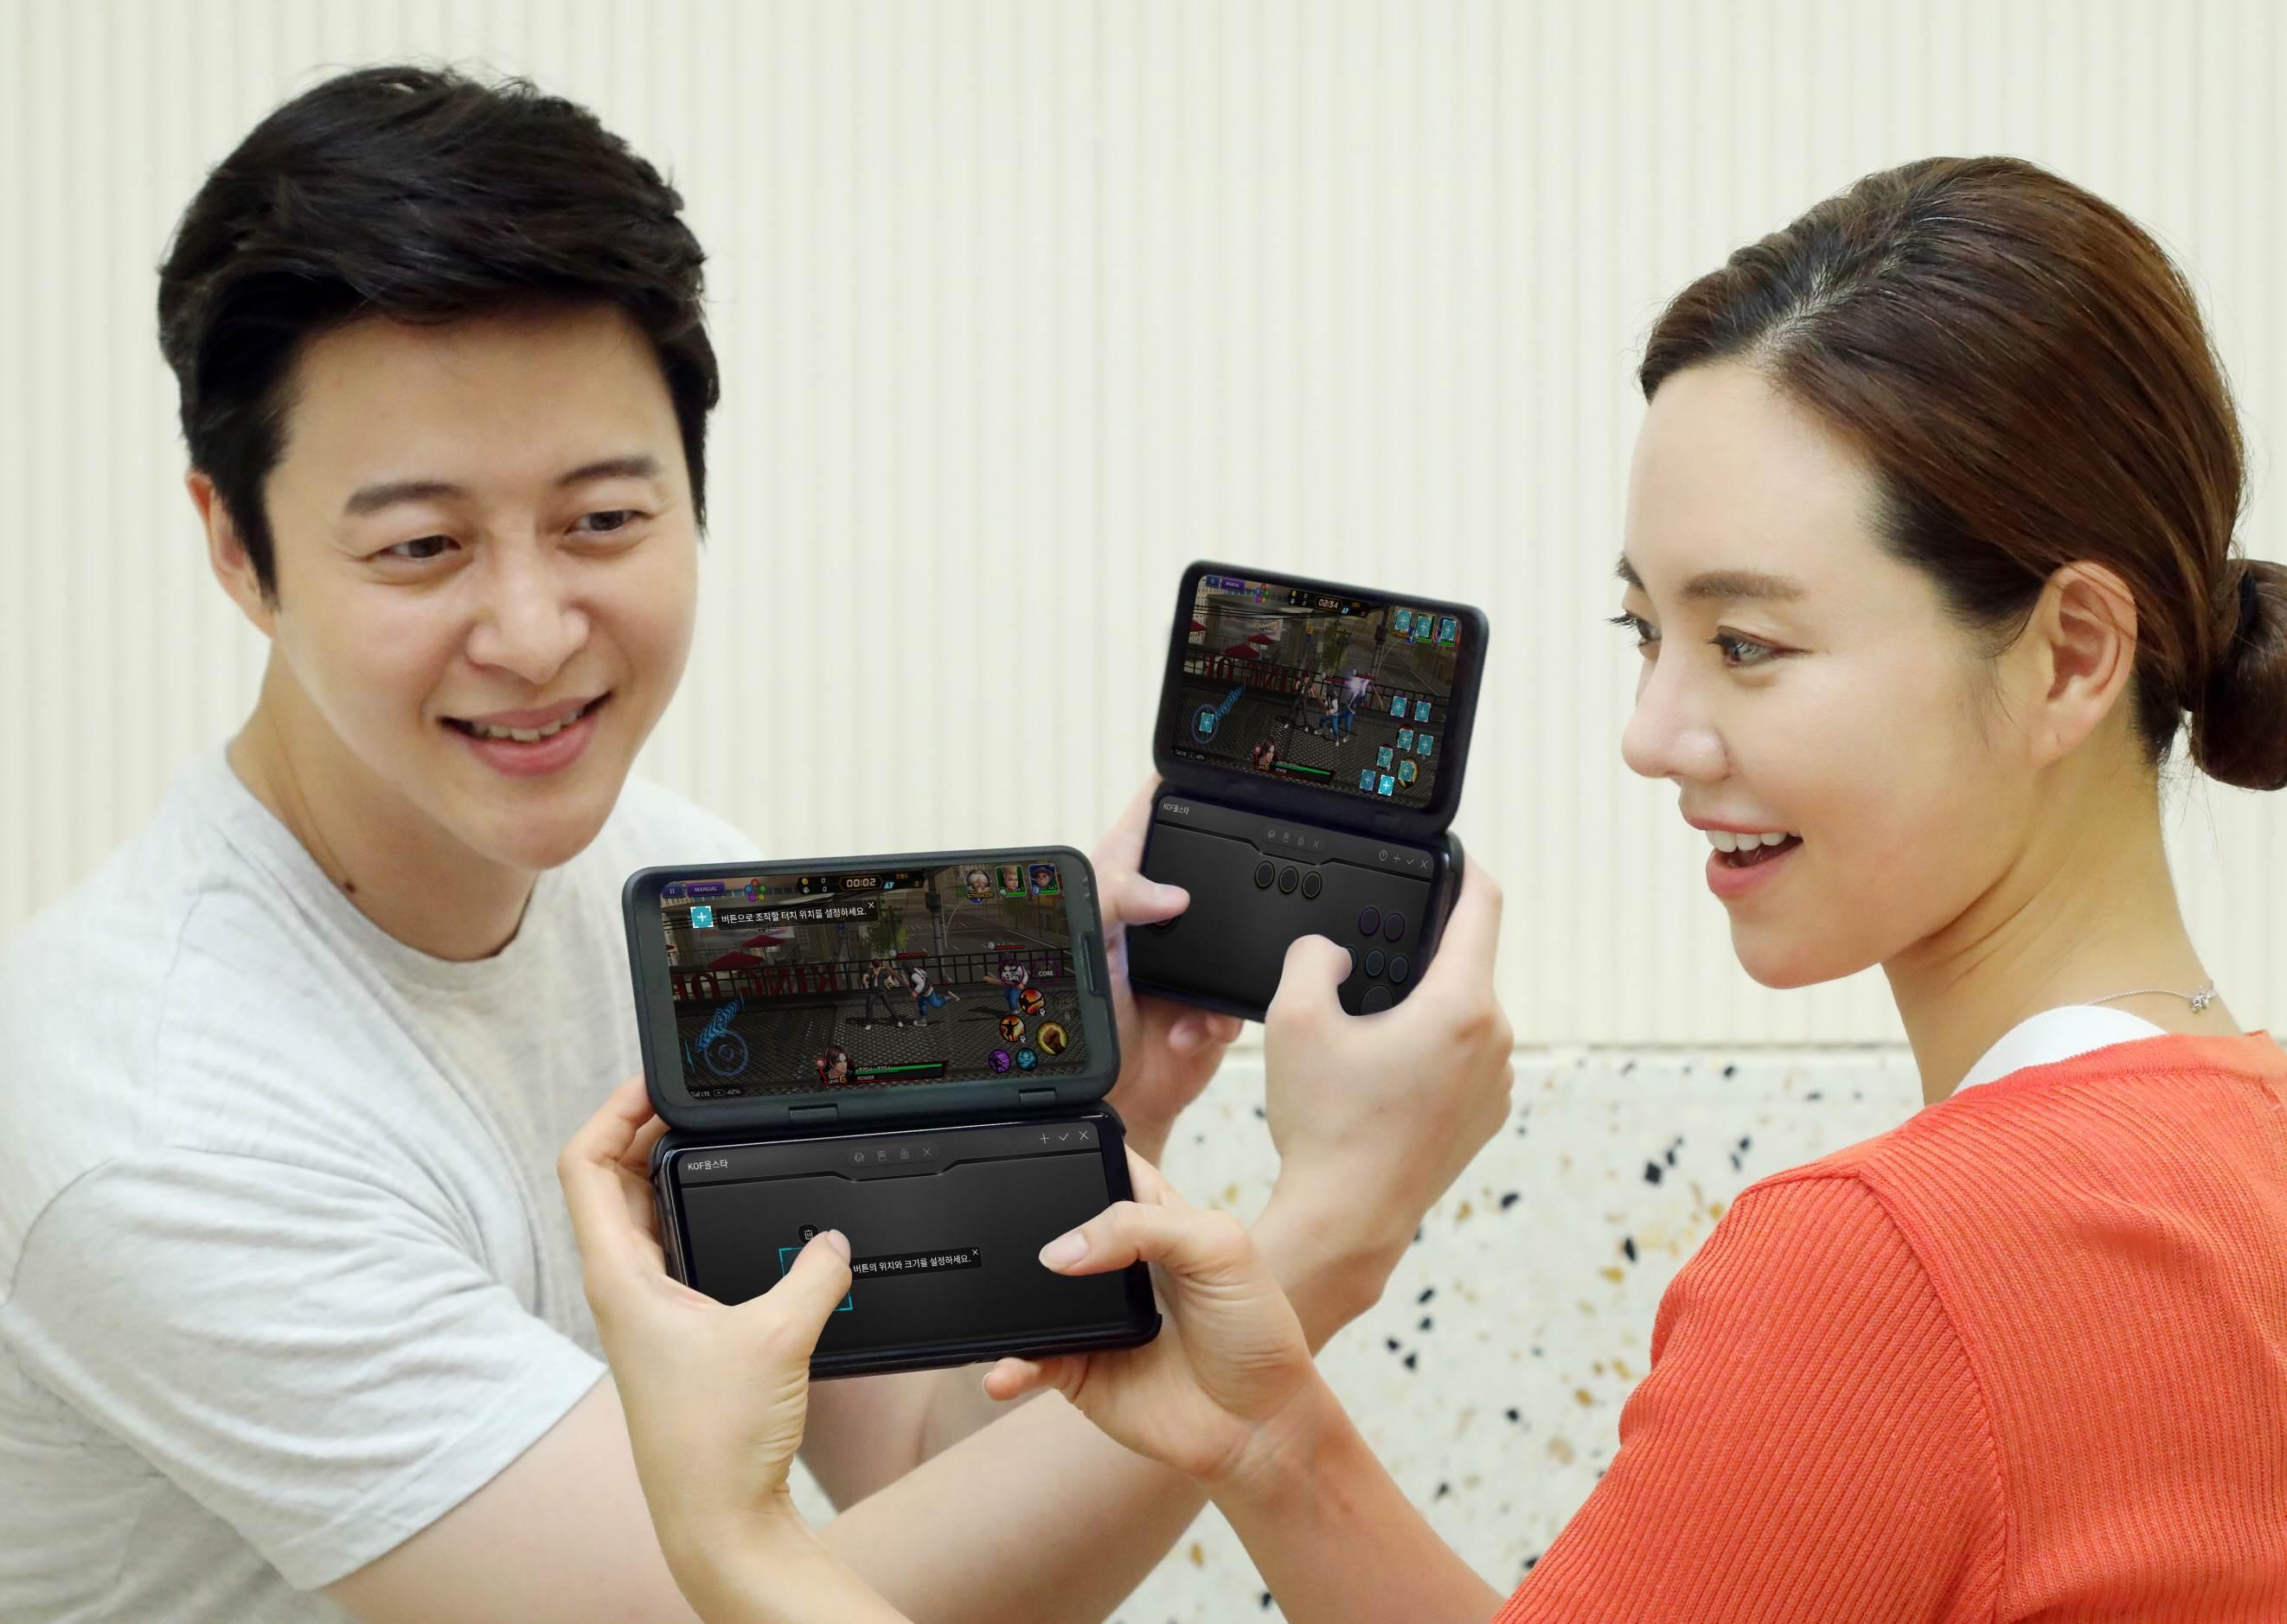 LG전자가 LG 듀얼 스크린 전용 게임 컨트롤러 LG 게임패드에 고객이 취향대로 만들어 쓸 수 있도록 하는 '나만의 게임패드' 기능 업데이트를 시작했다. LG전자 모델들이 '나만의 게임패드' 기능을 통해 만든 게임패드로 게임을 즐기고 있다.